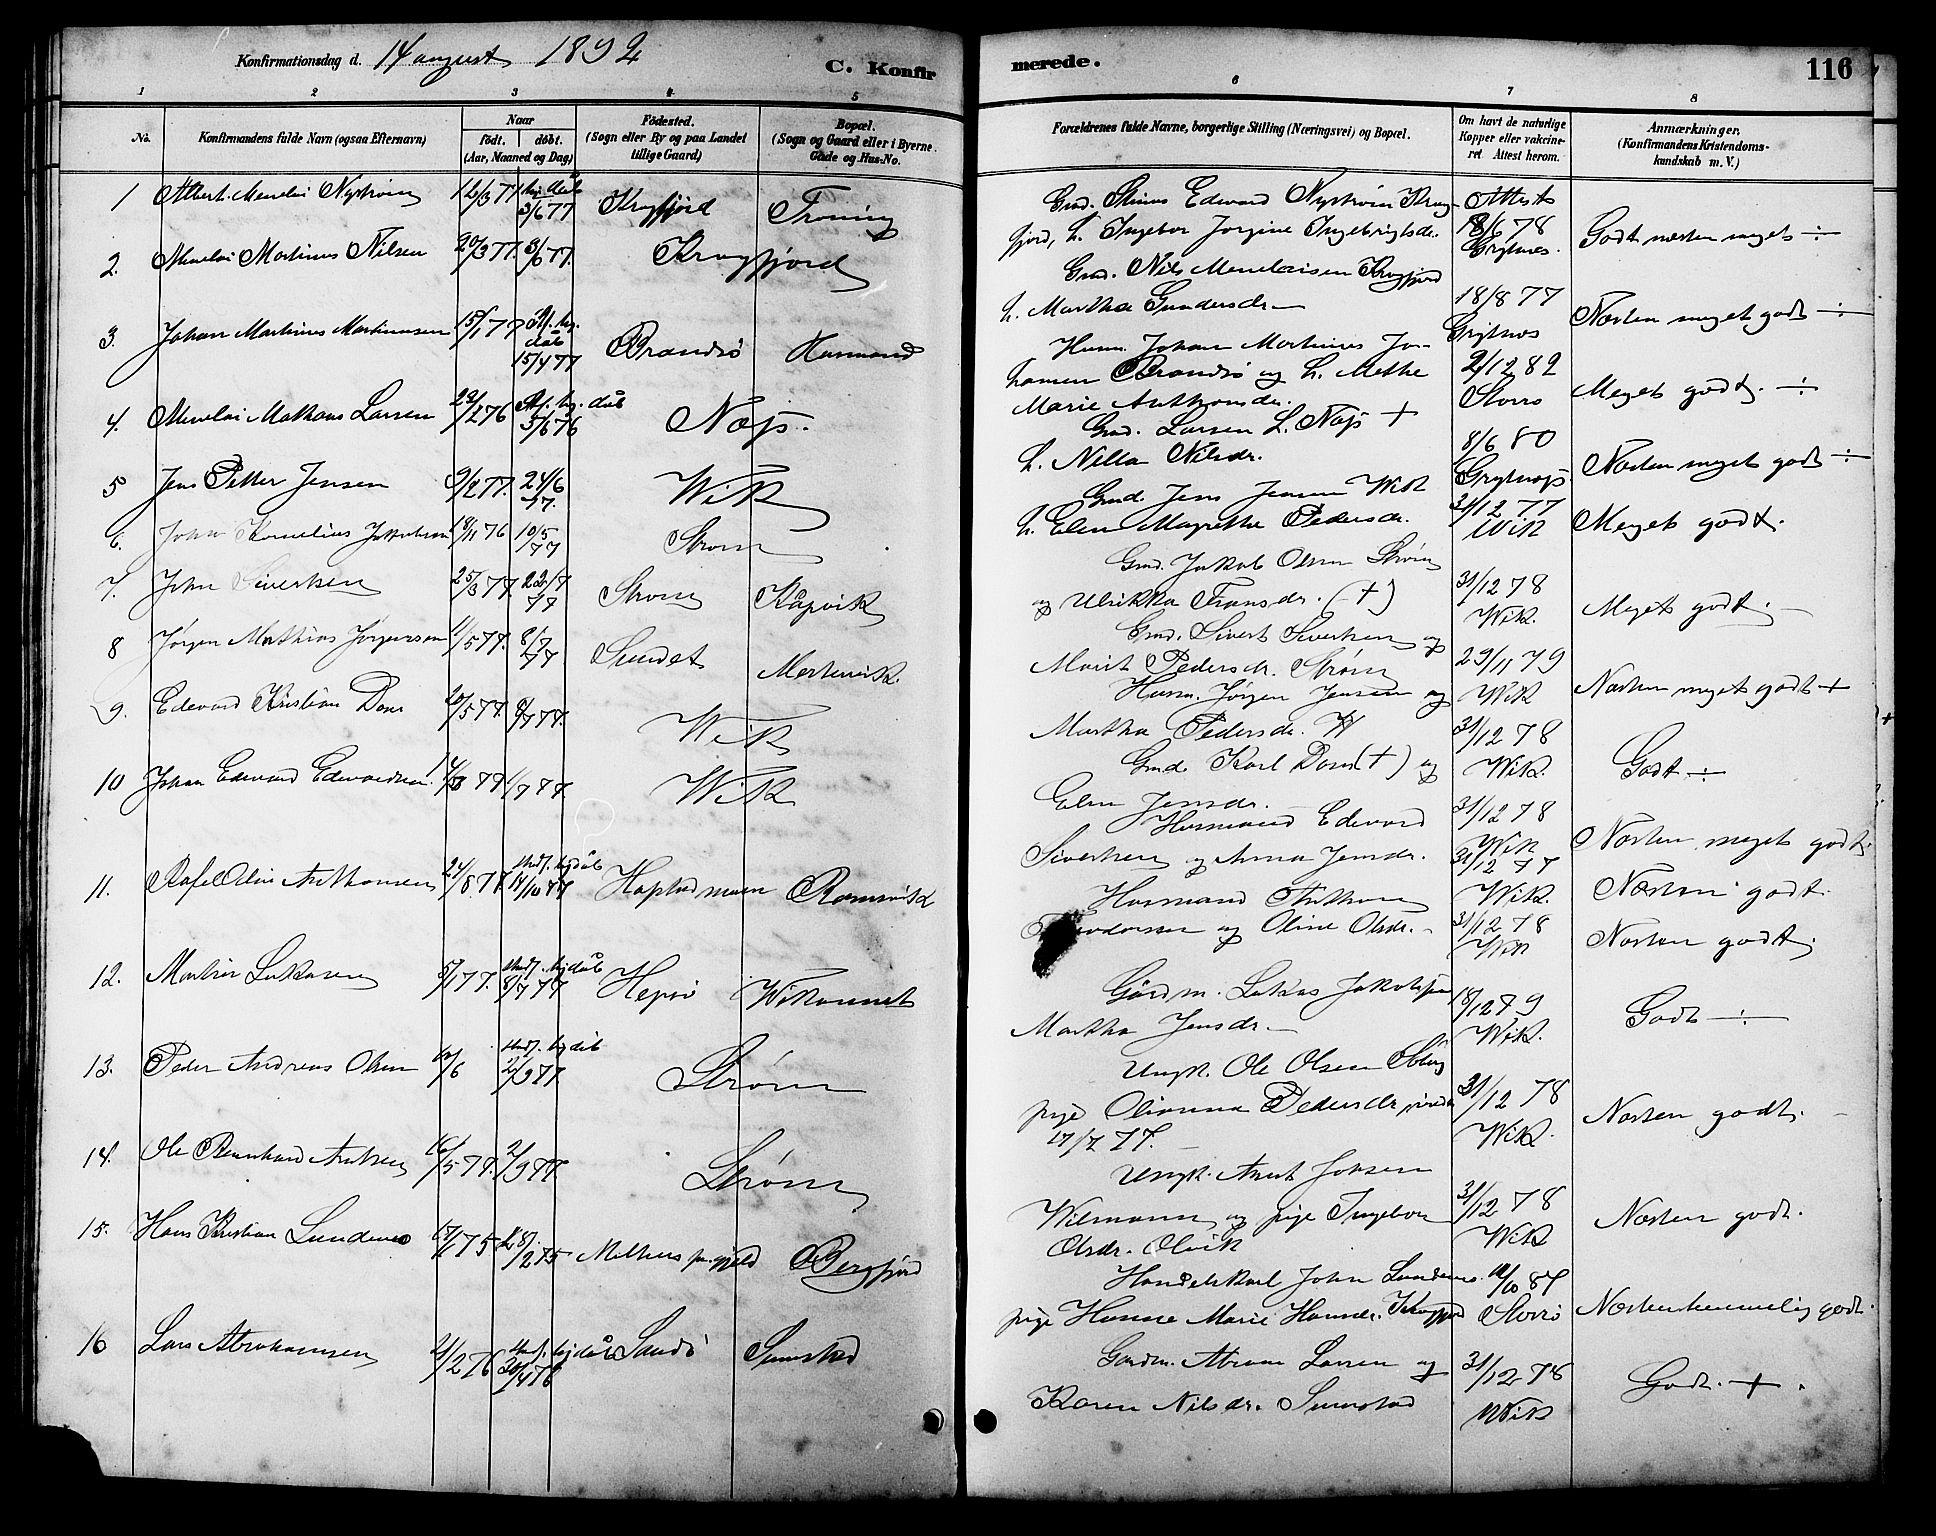 SAT, Ministerialprotokoller, klokkerbøker og fødselsregistre - Sør-Trøndelag, 657/L0716: Klokkerbok nr. 657C03, 1889-1904, s. 116